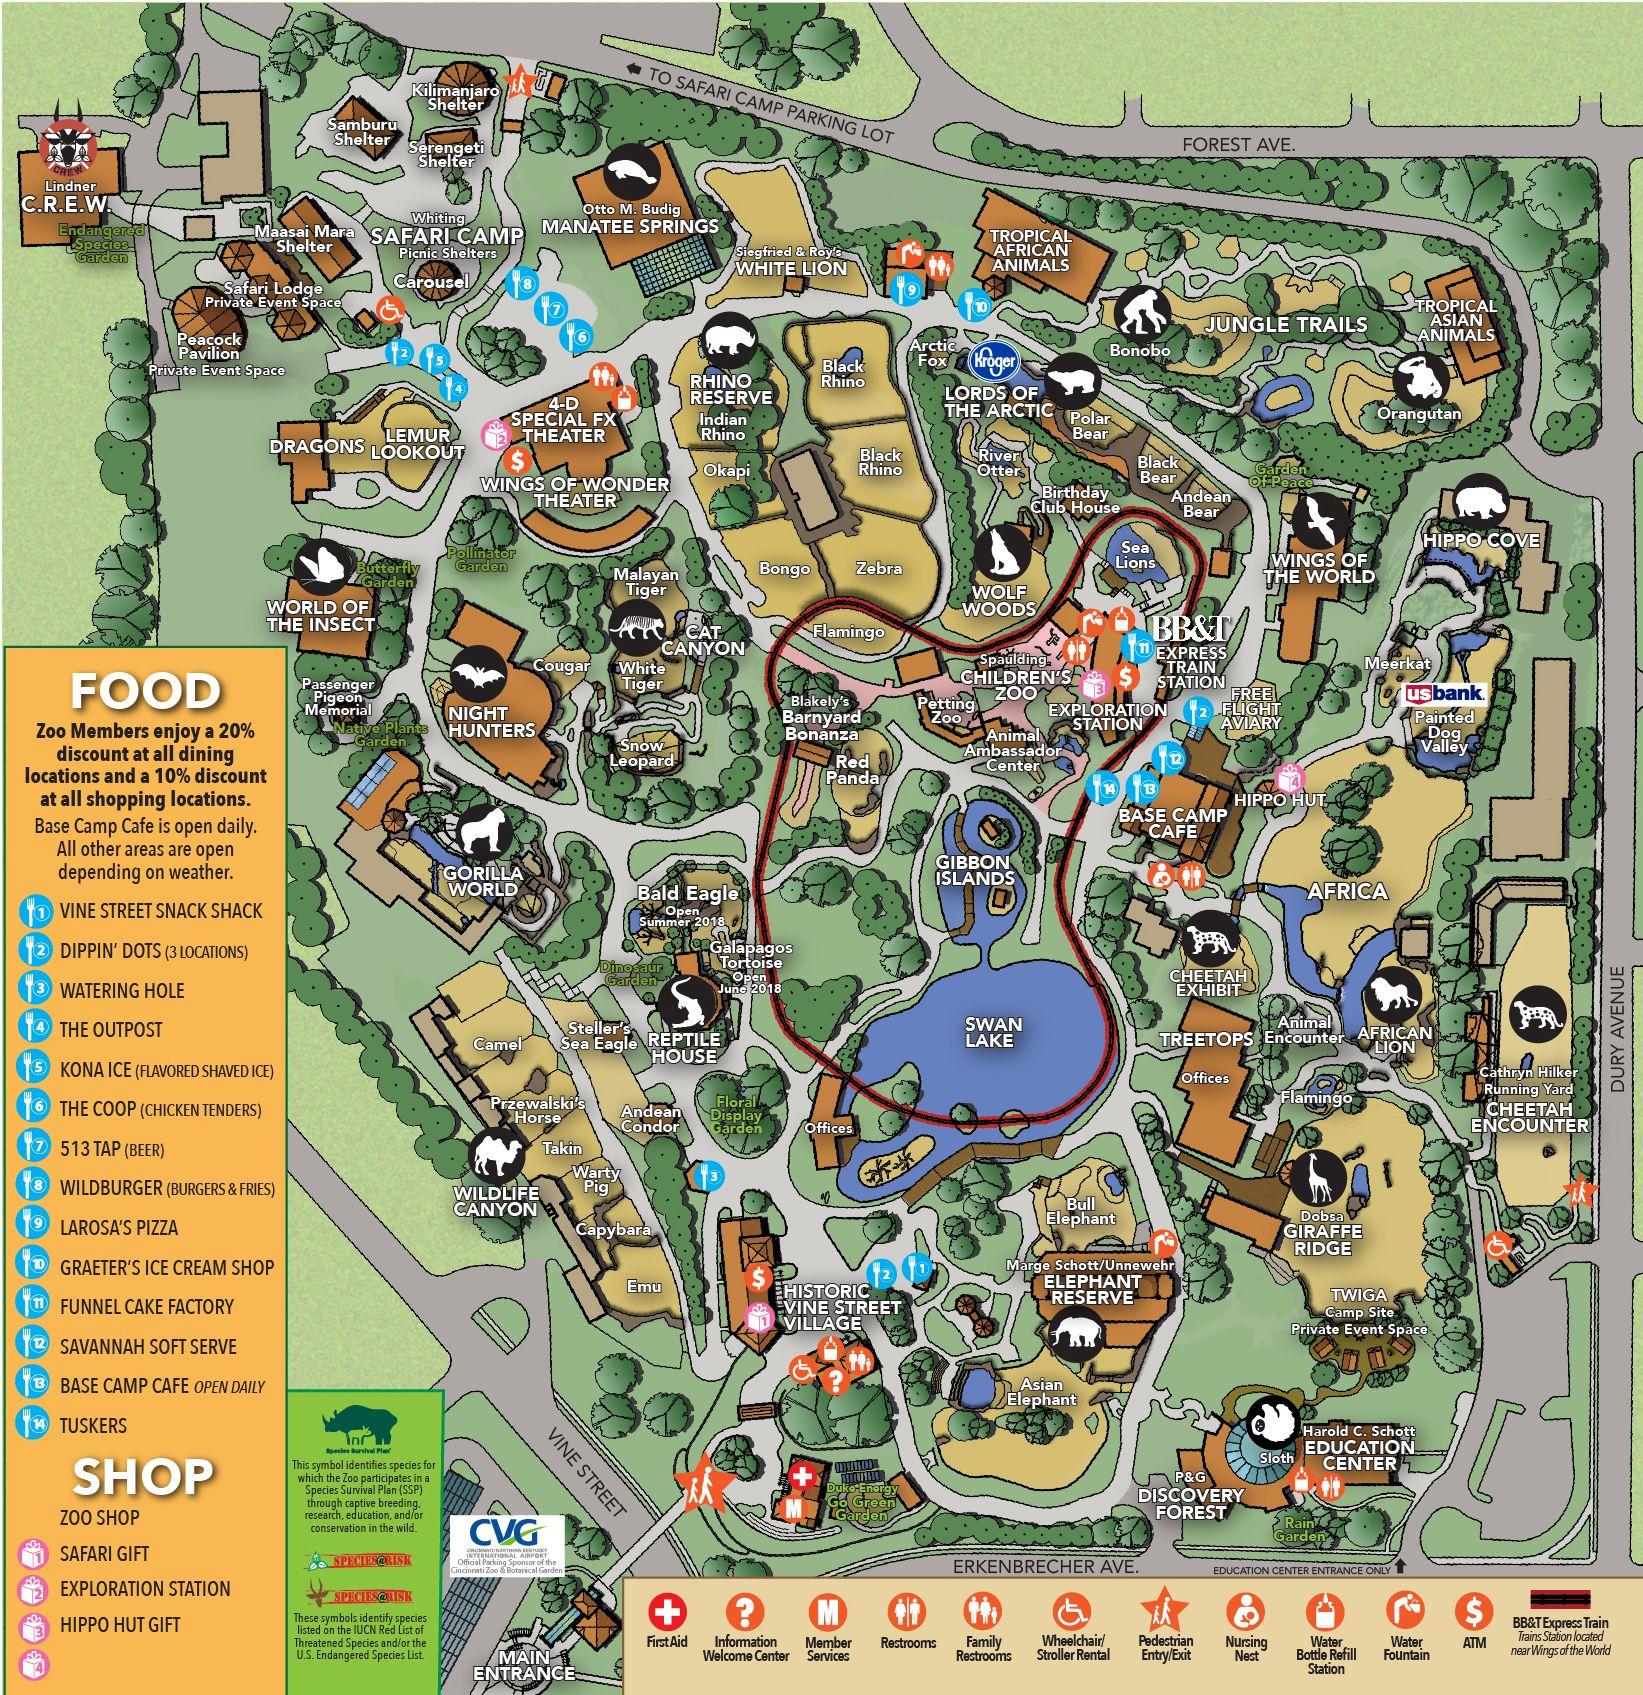 Hours Directions The Cincinnati Zoo Botanical Garden